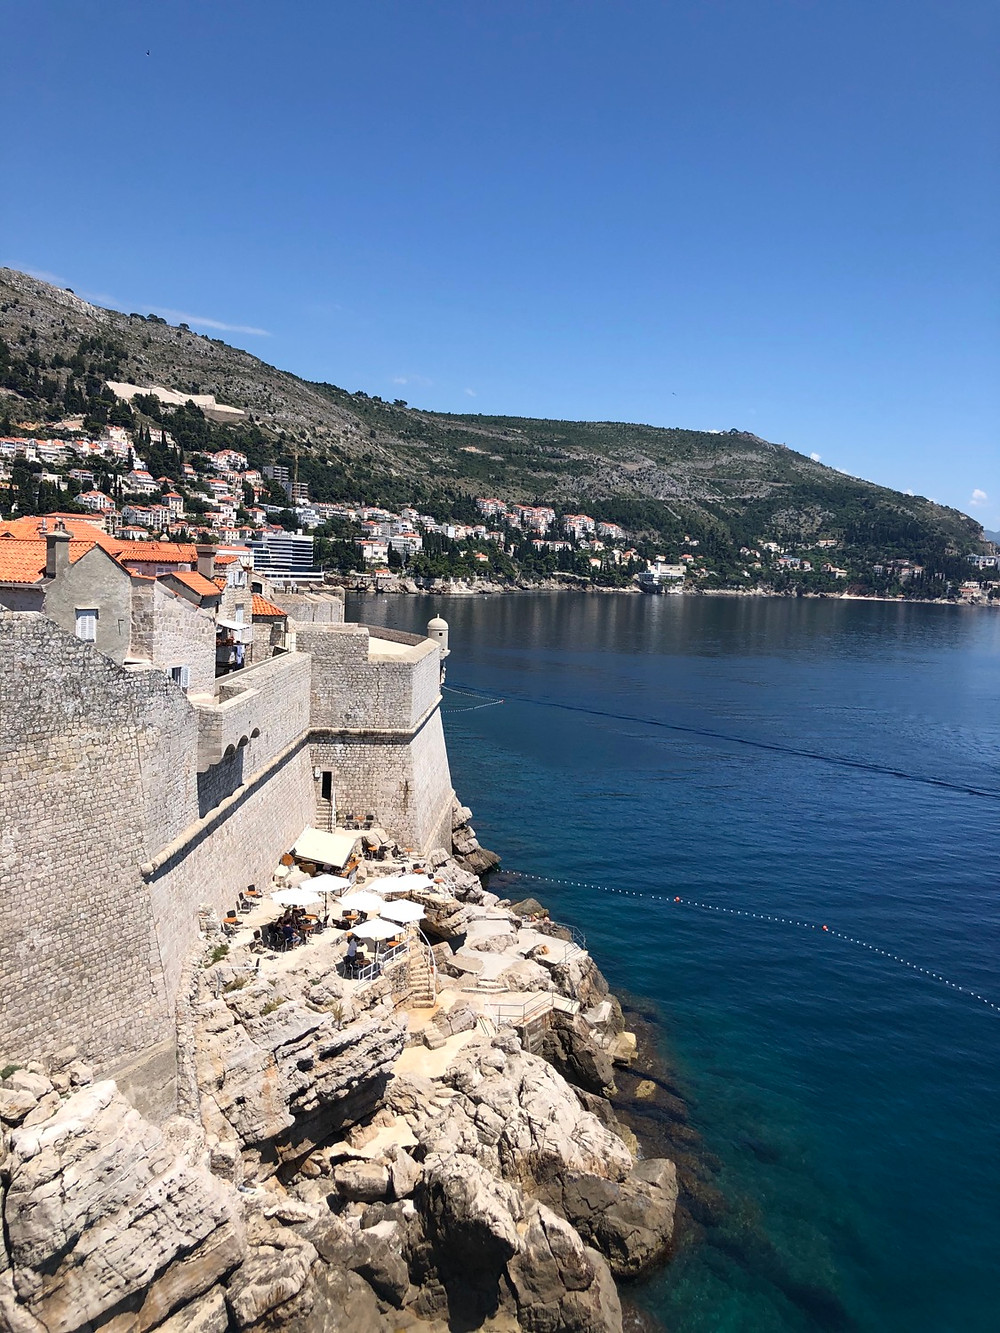 Dubrovnik-cliff-bar-schöne-aussicht